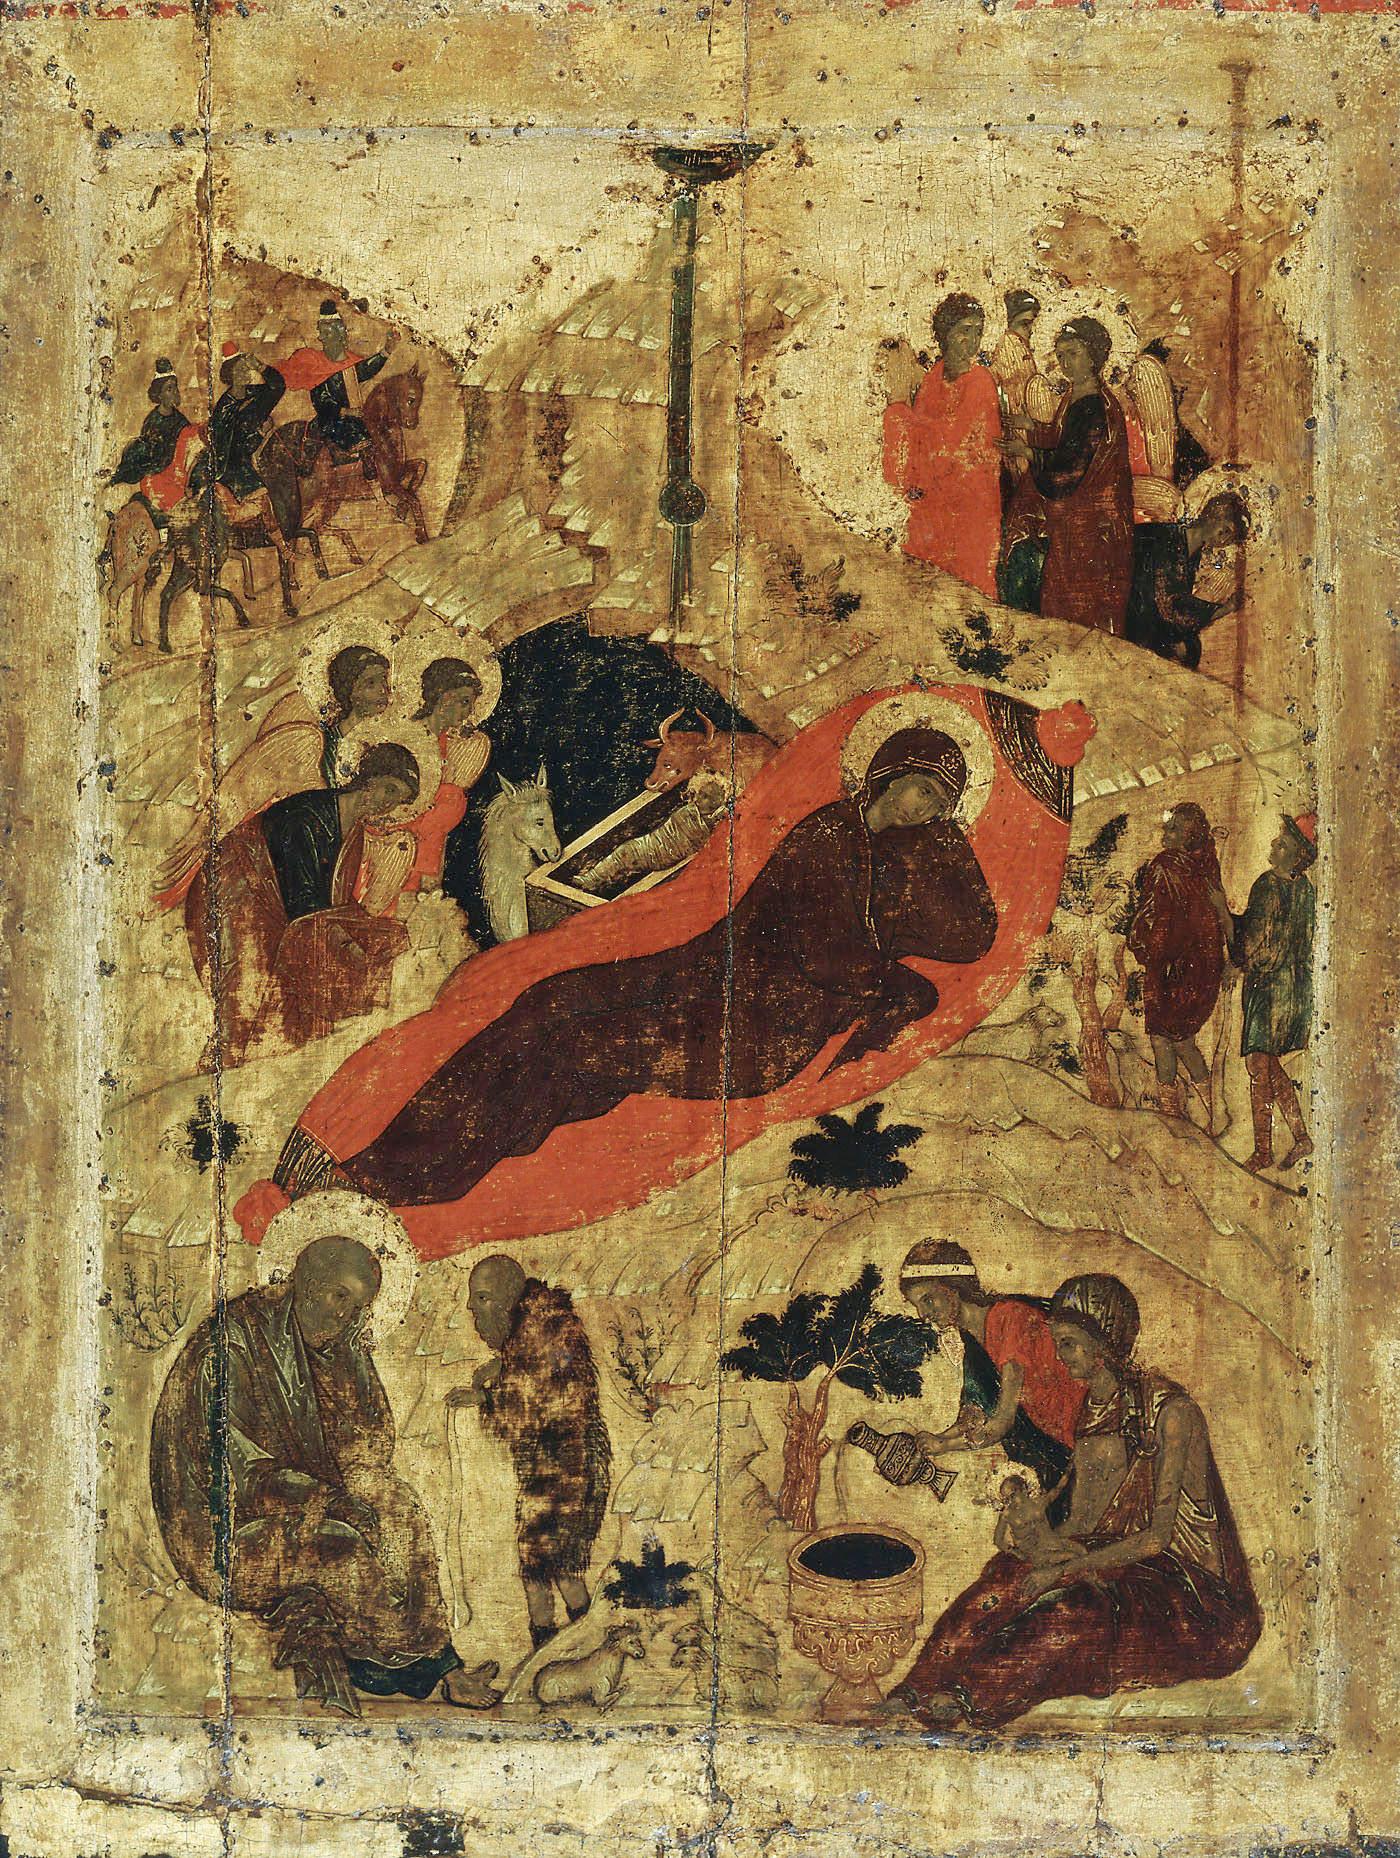 Andrej Rubljov, Rođenje Hristovo, 1405, Kremlj, Moskva